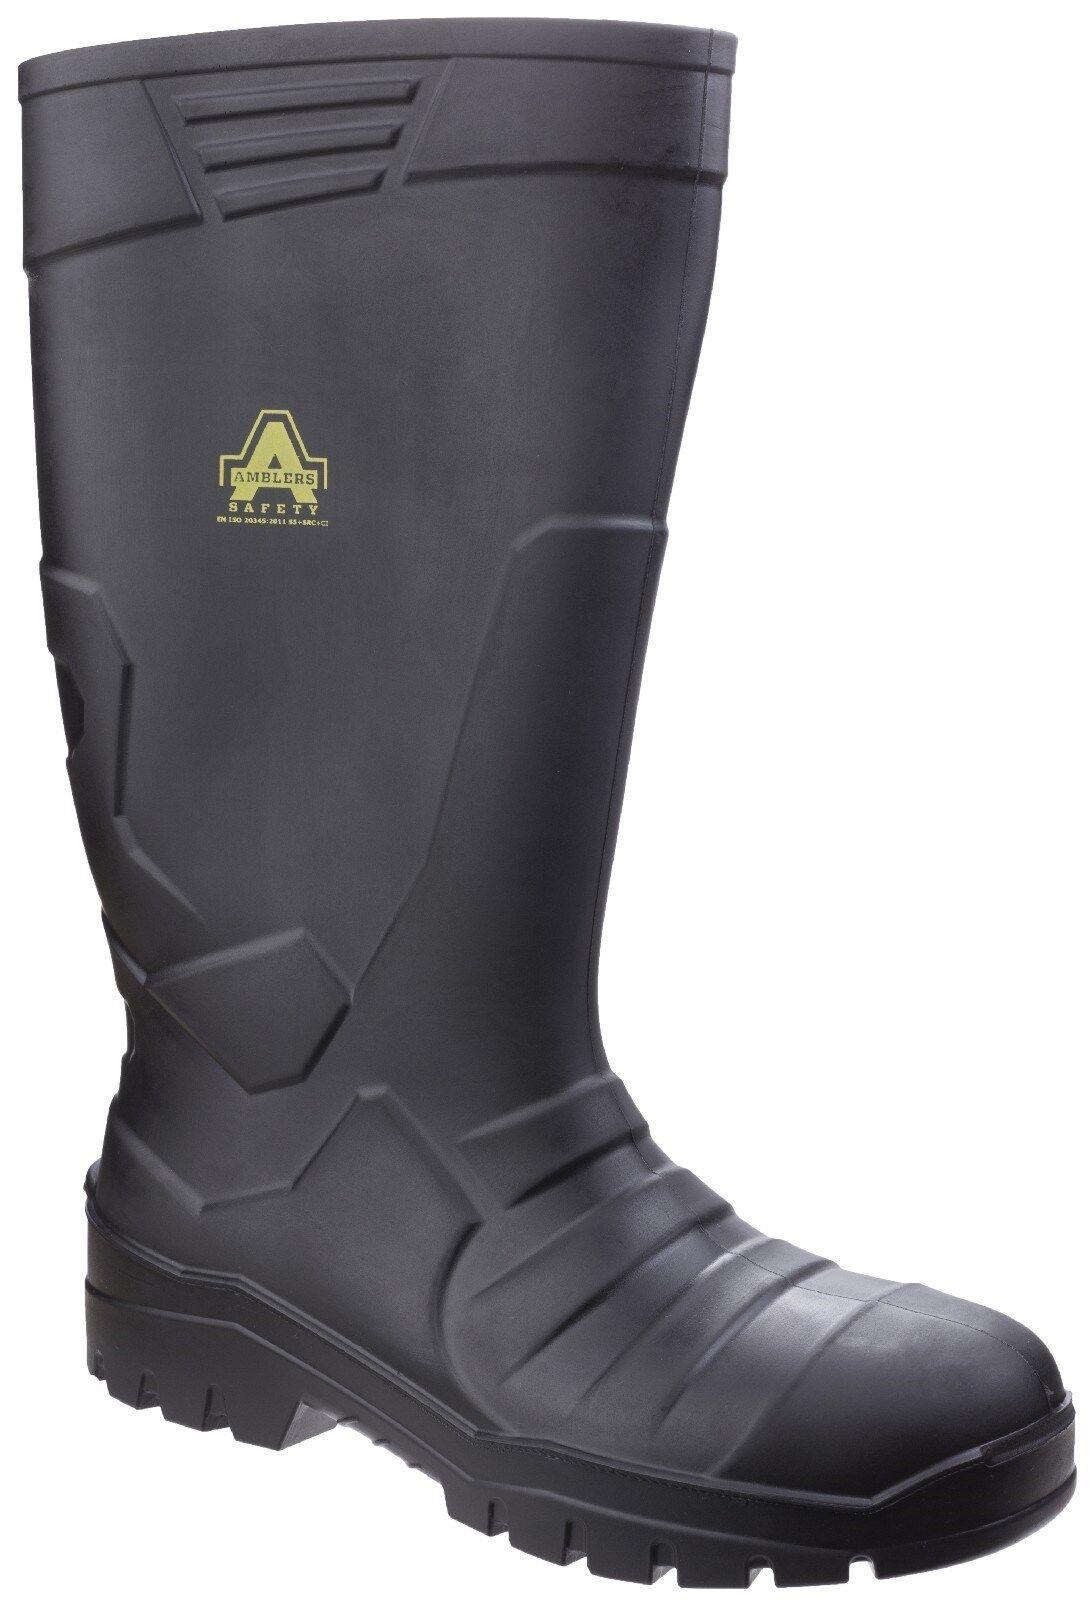 Amblers AS1006 Sicurezza Stivali di gomma Acciaio Puntale Stivali di Gomma da Uomo Work Boots